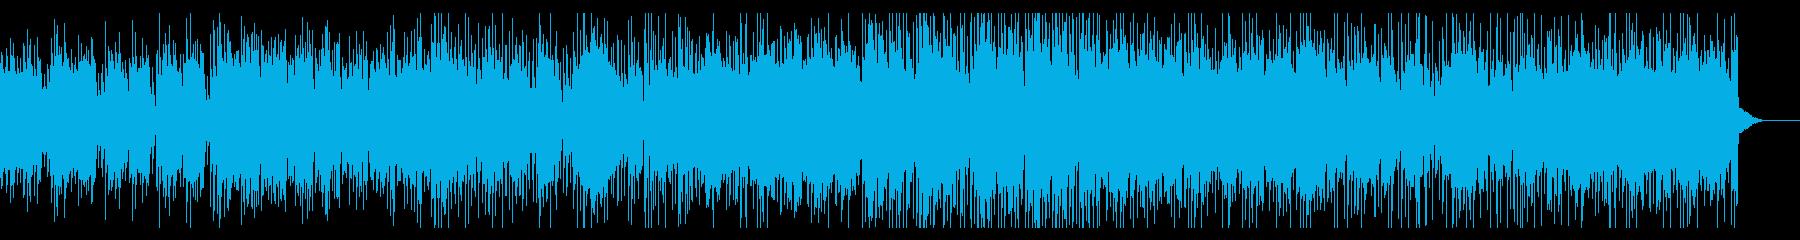 中華風シネマティックエピックアンビエントの再生済みの波形